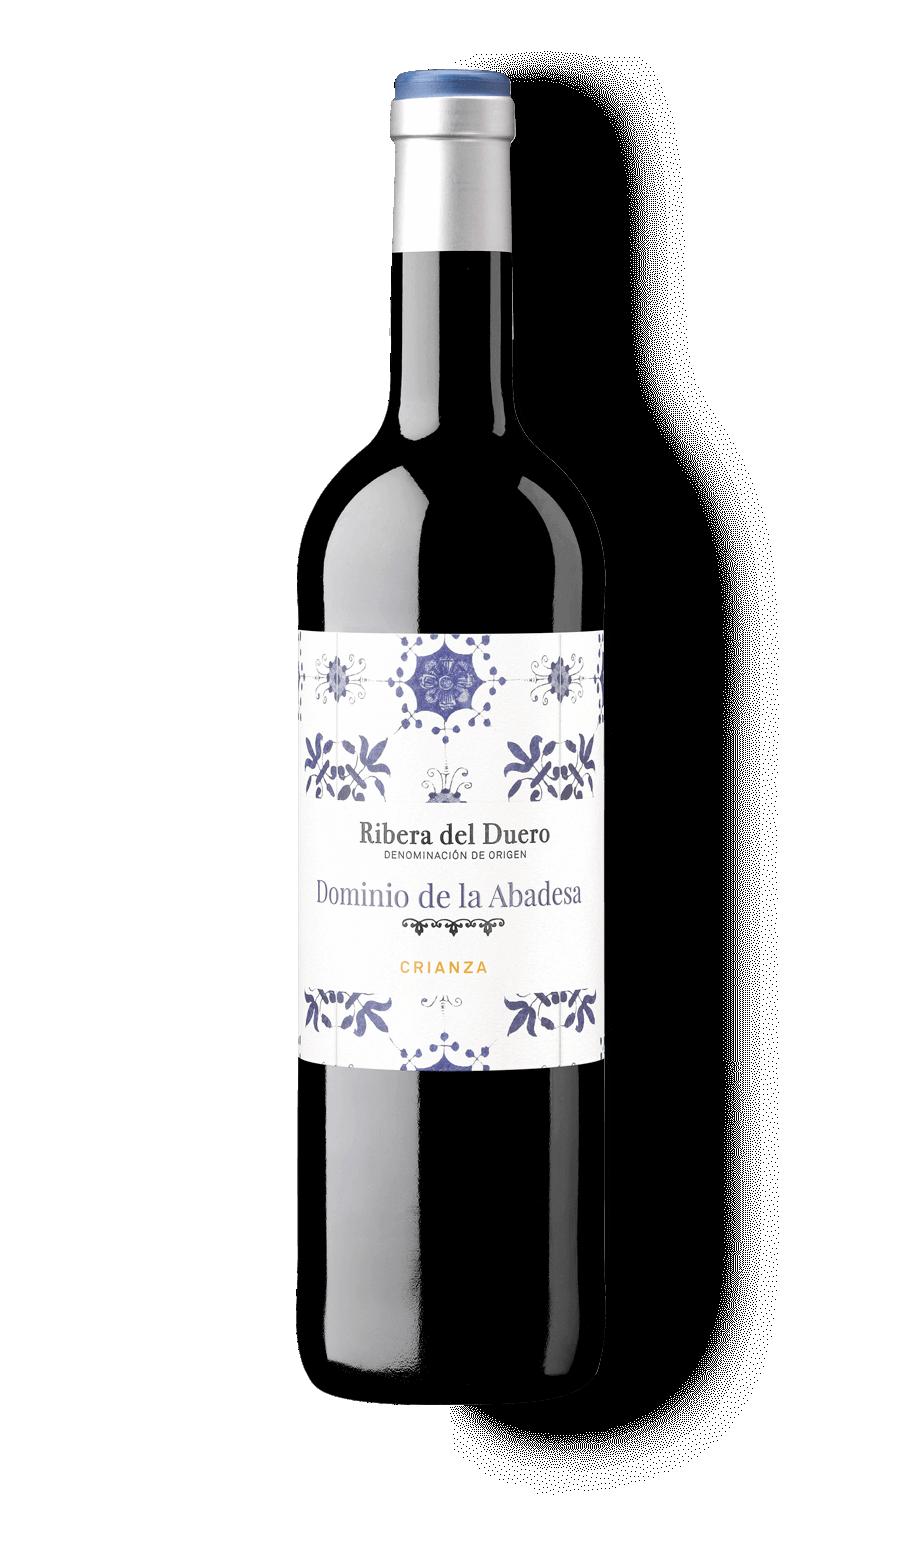 Dominio Abadesa Crianza de Culto al Vino - Bodegas Ontañón - Bodegas Queirón